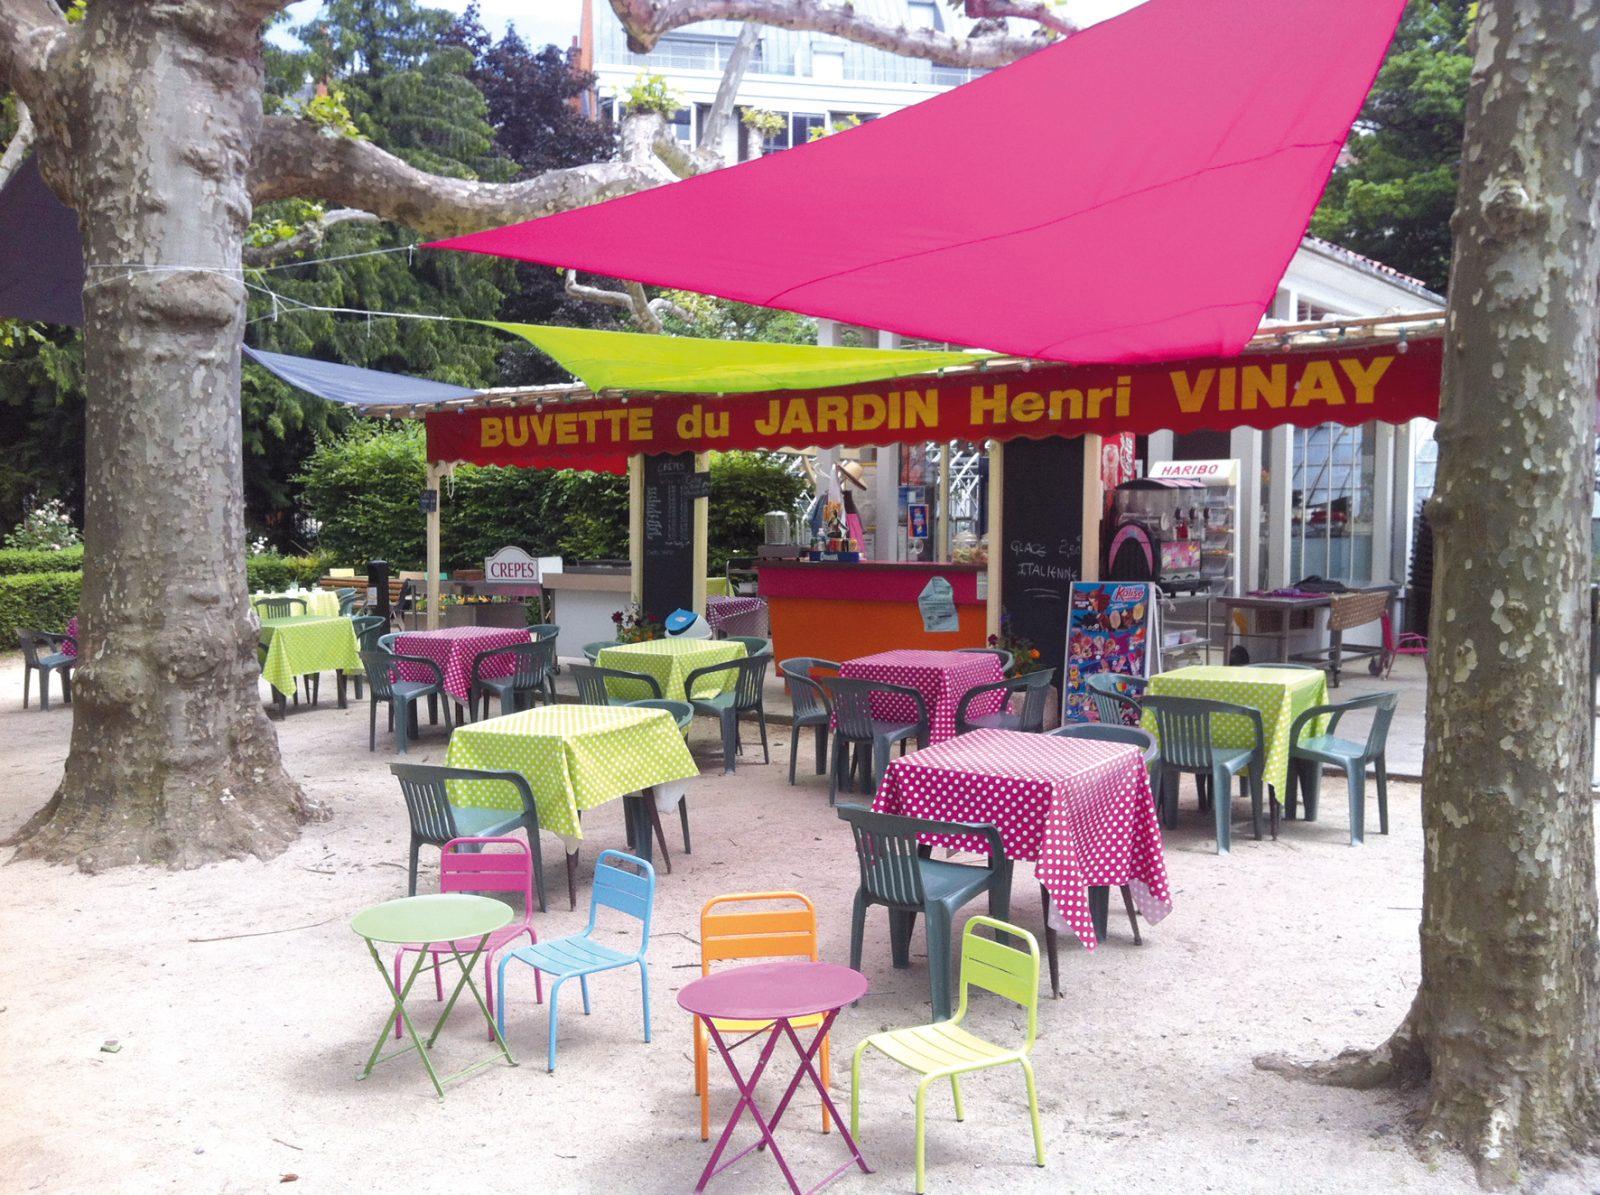 Buvette du jardin henri vinay restaurants auvergne for Le jardin henri vinay